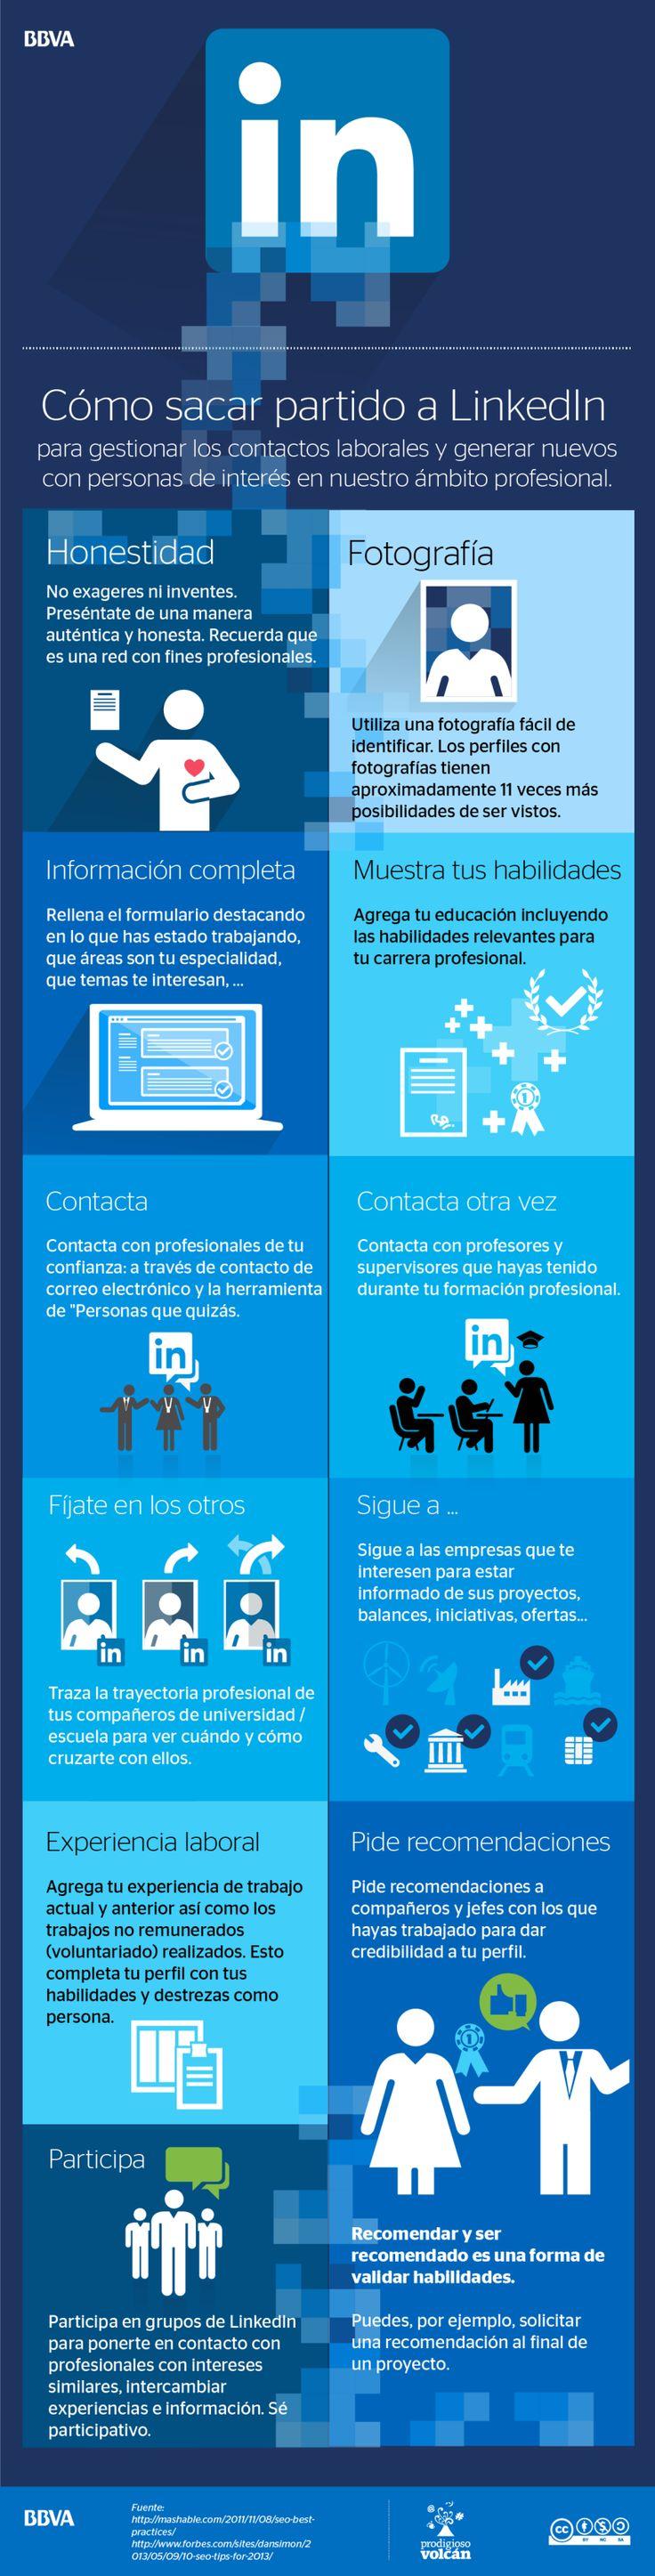 Cómo sacar partido a Linkedin #infografia #infographic #socialmedia